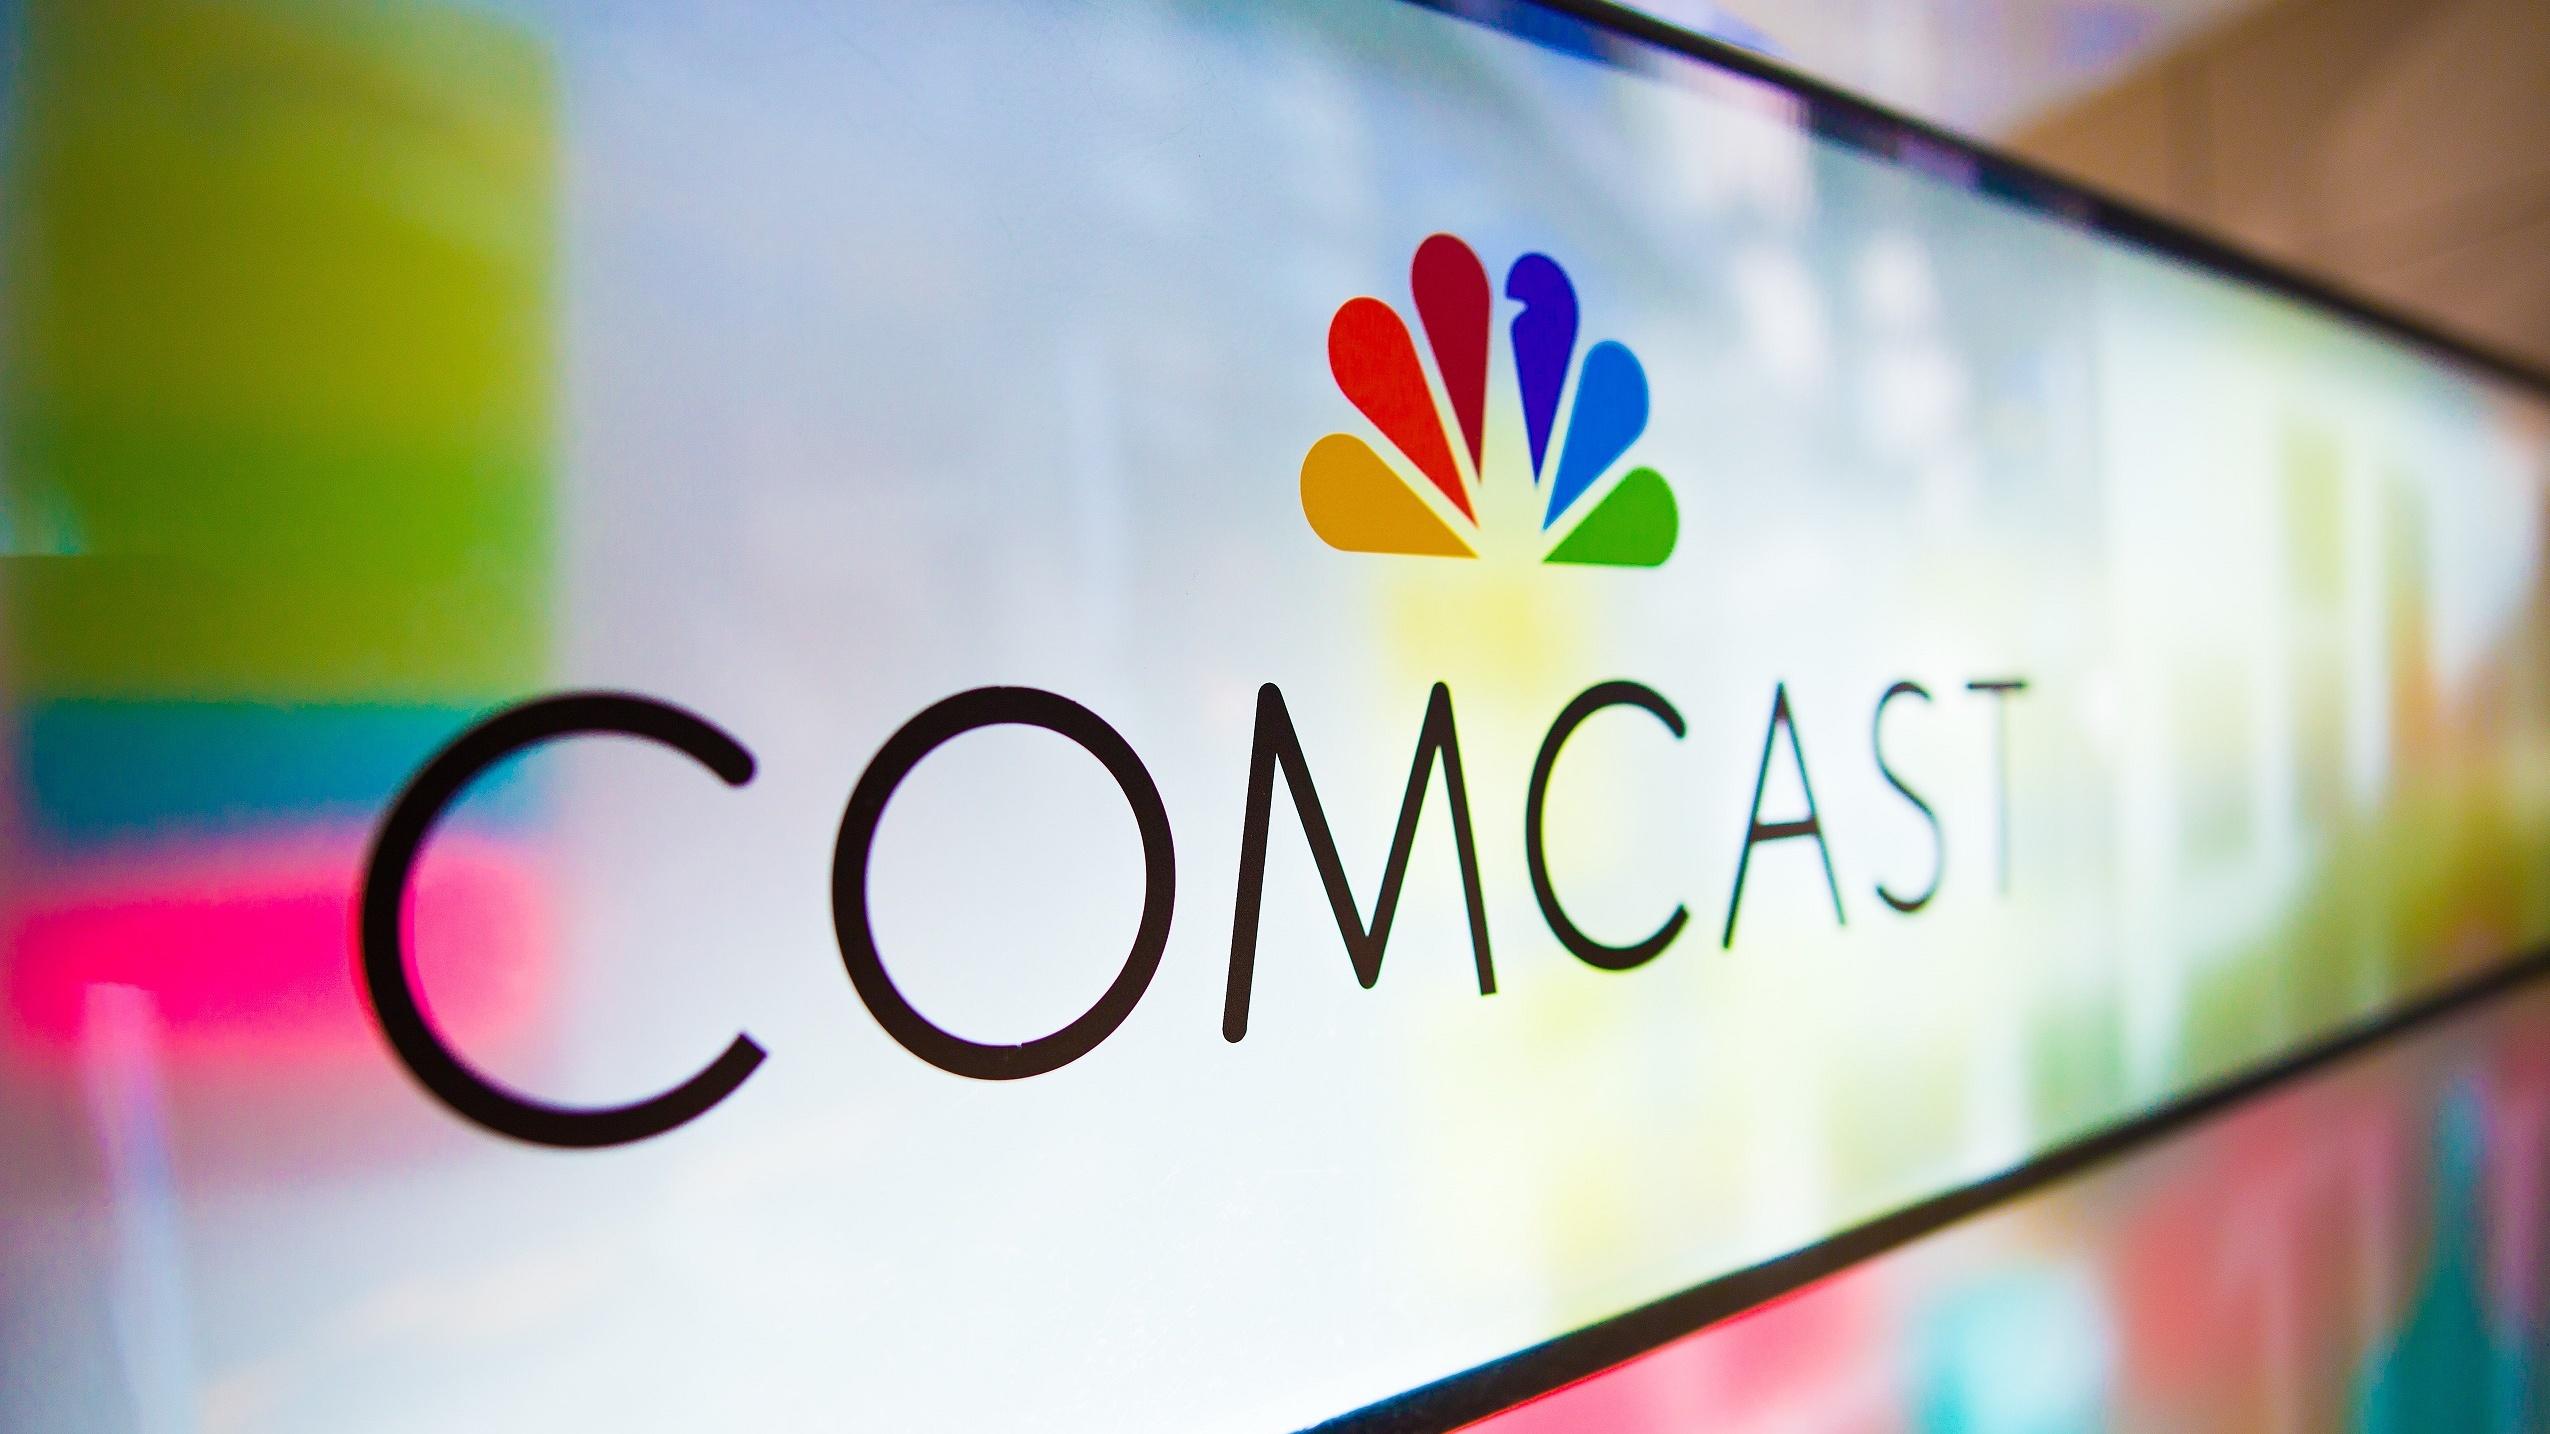 Comcast logo on a glass wall